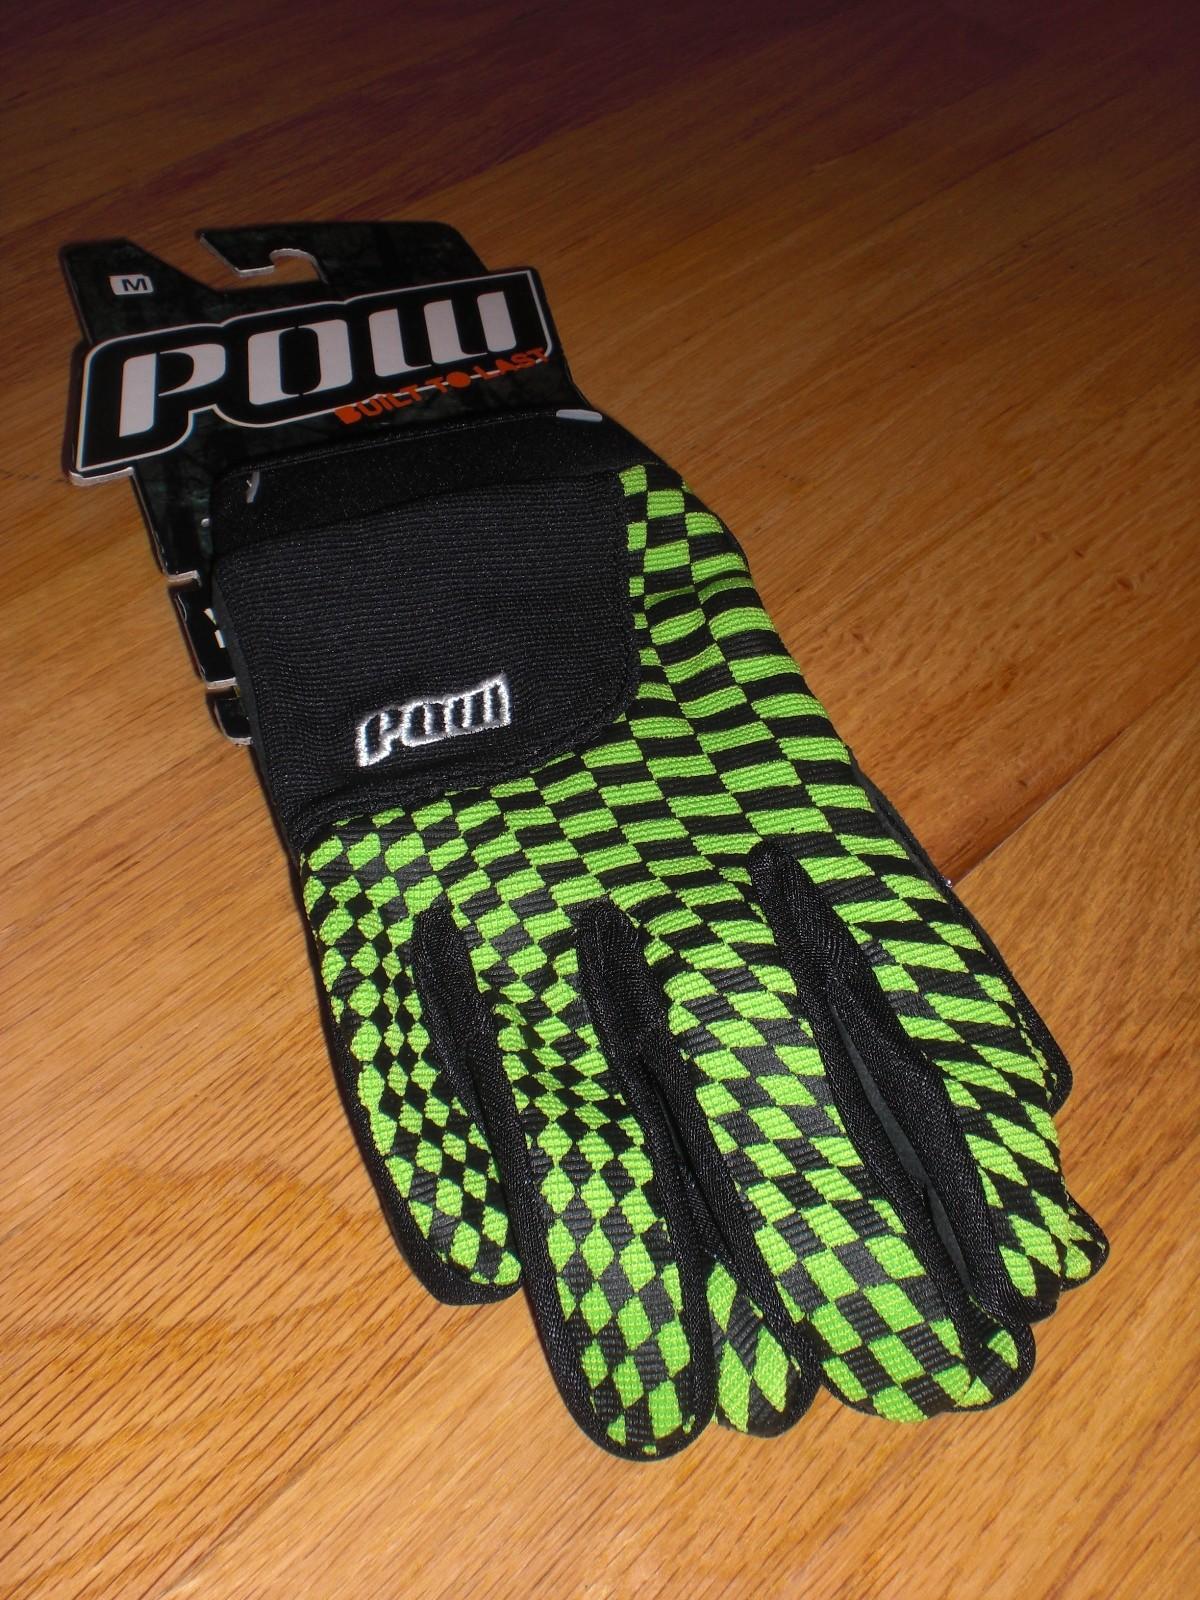 POW Slick Gloves in green